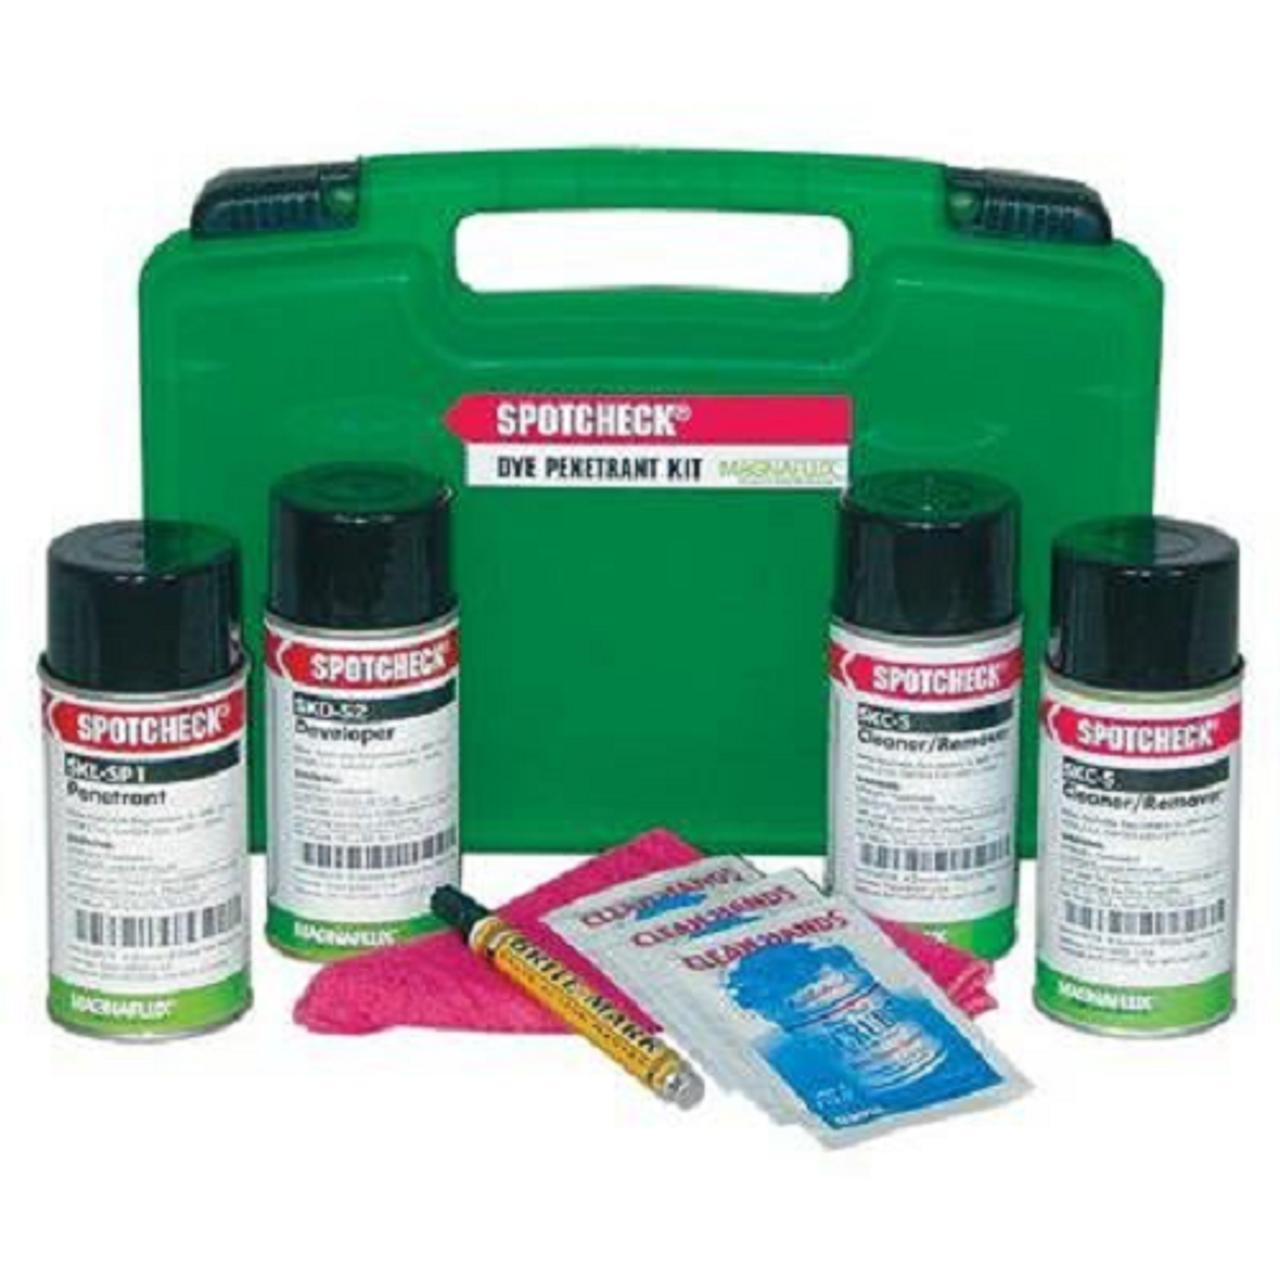 Spotcheck Penetrant Inspection Kit